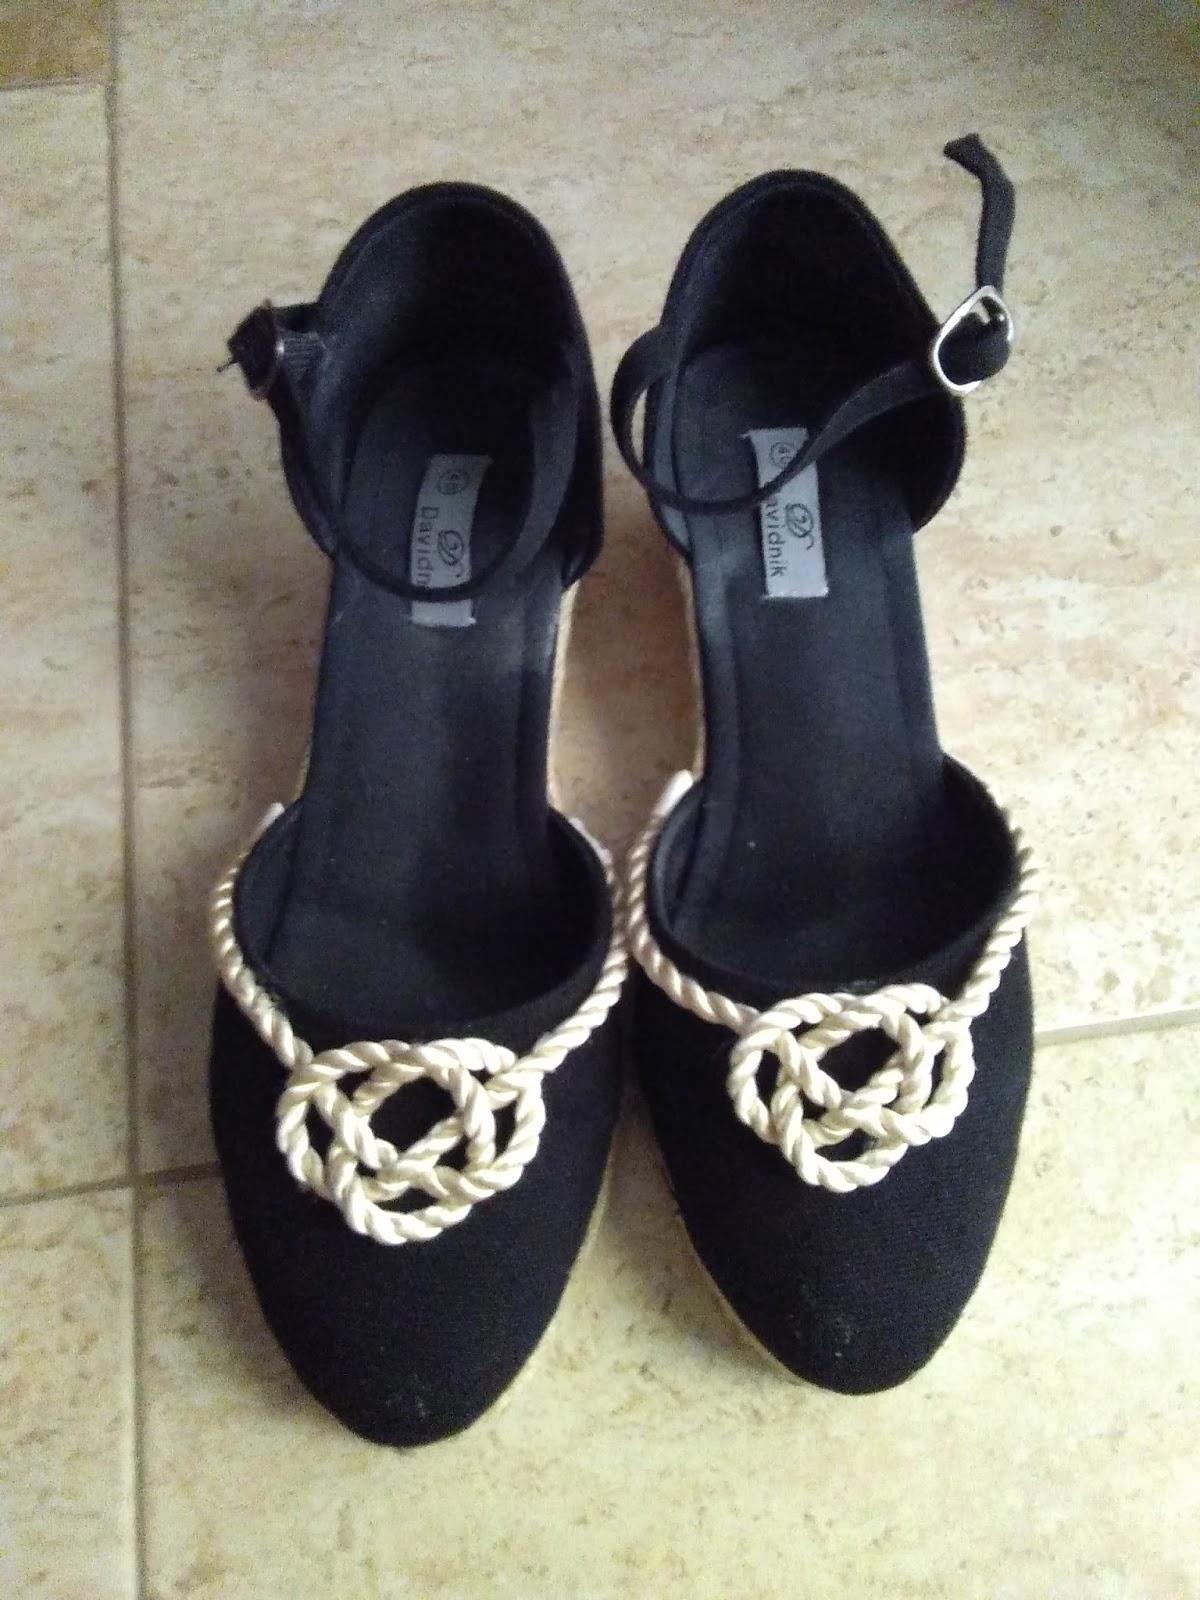 zapatillas de esparto negras 9db1f40a5c23